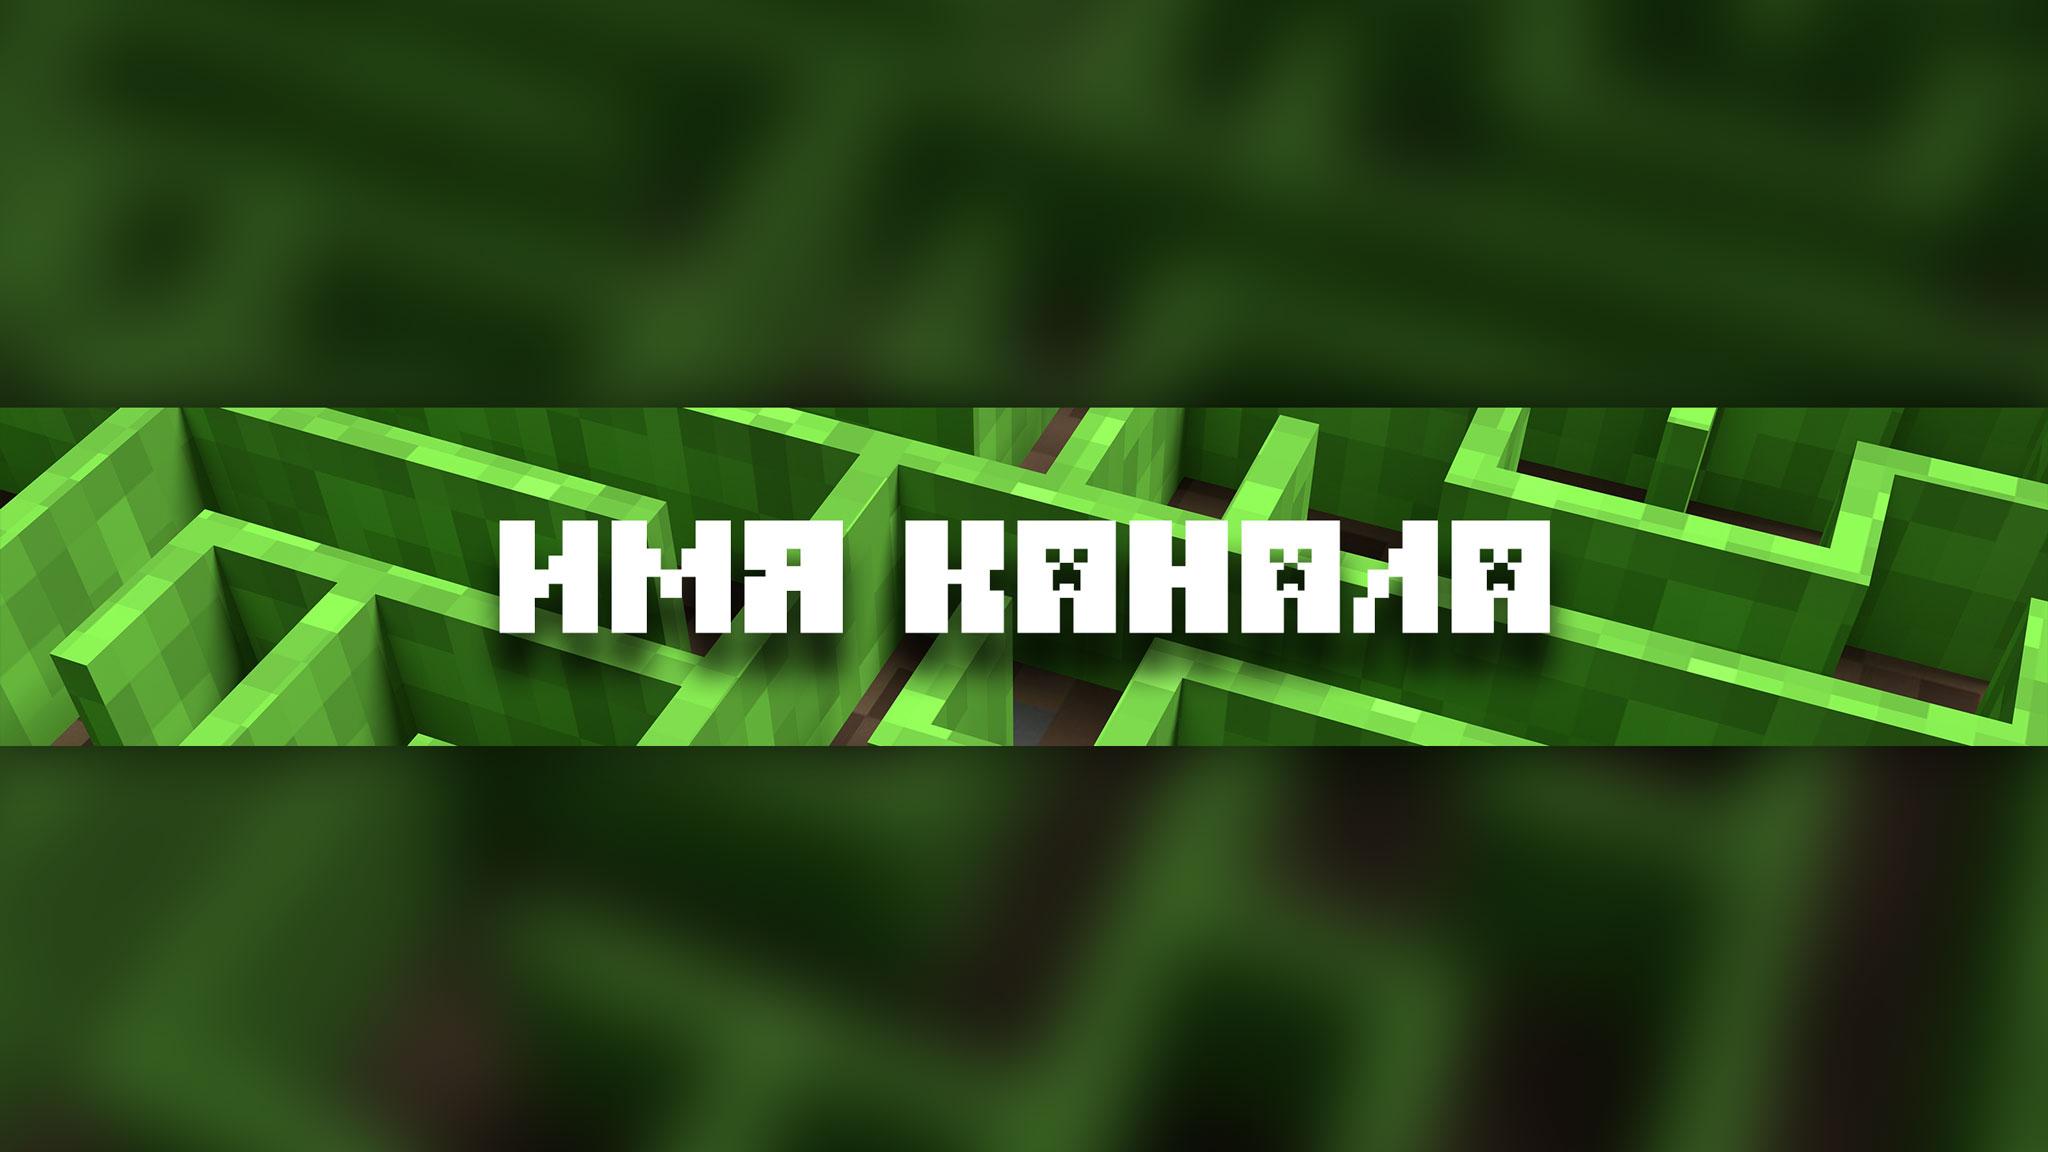 Картинка с текстом на шапку для канала майнкрафт 2048x1152 на зелёном прямоугольном фоне с лабиринтом.